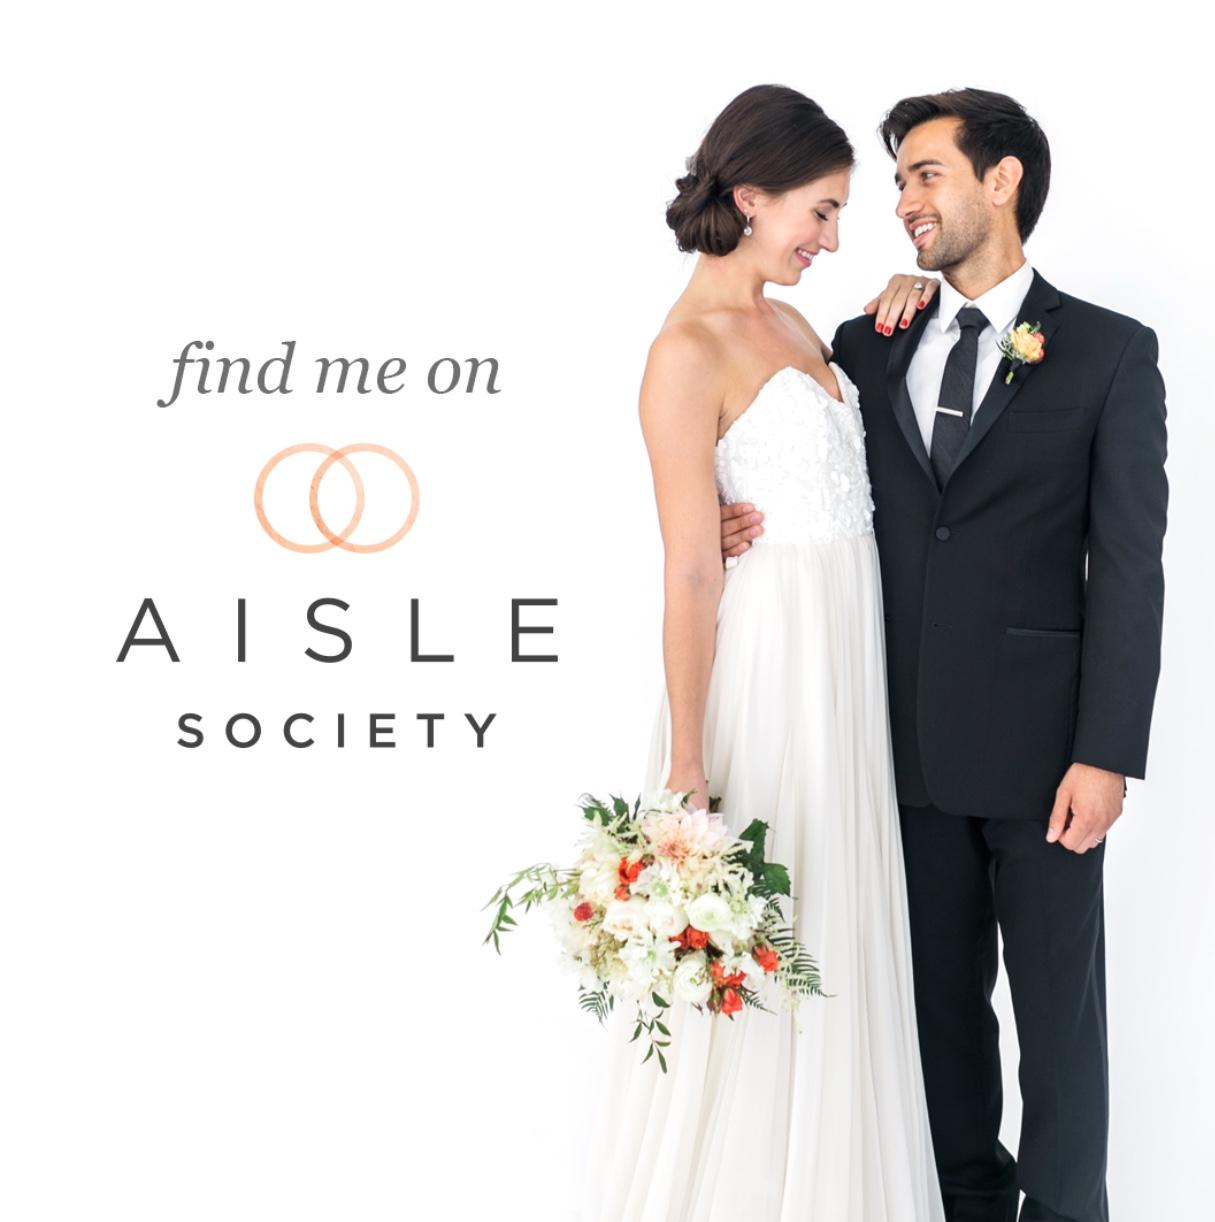 aisle society badge1.jpg